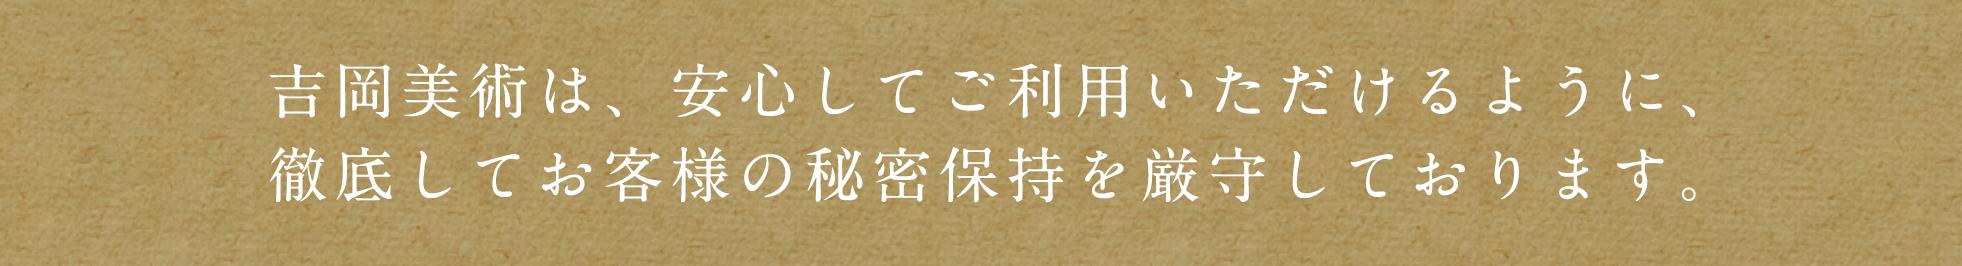 吉岡美術は、安心してご利用いただけるように、徹底してお客様の秘密保持を厳守しております。